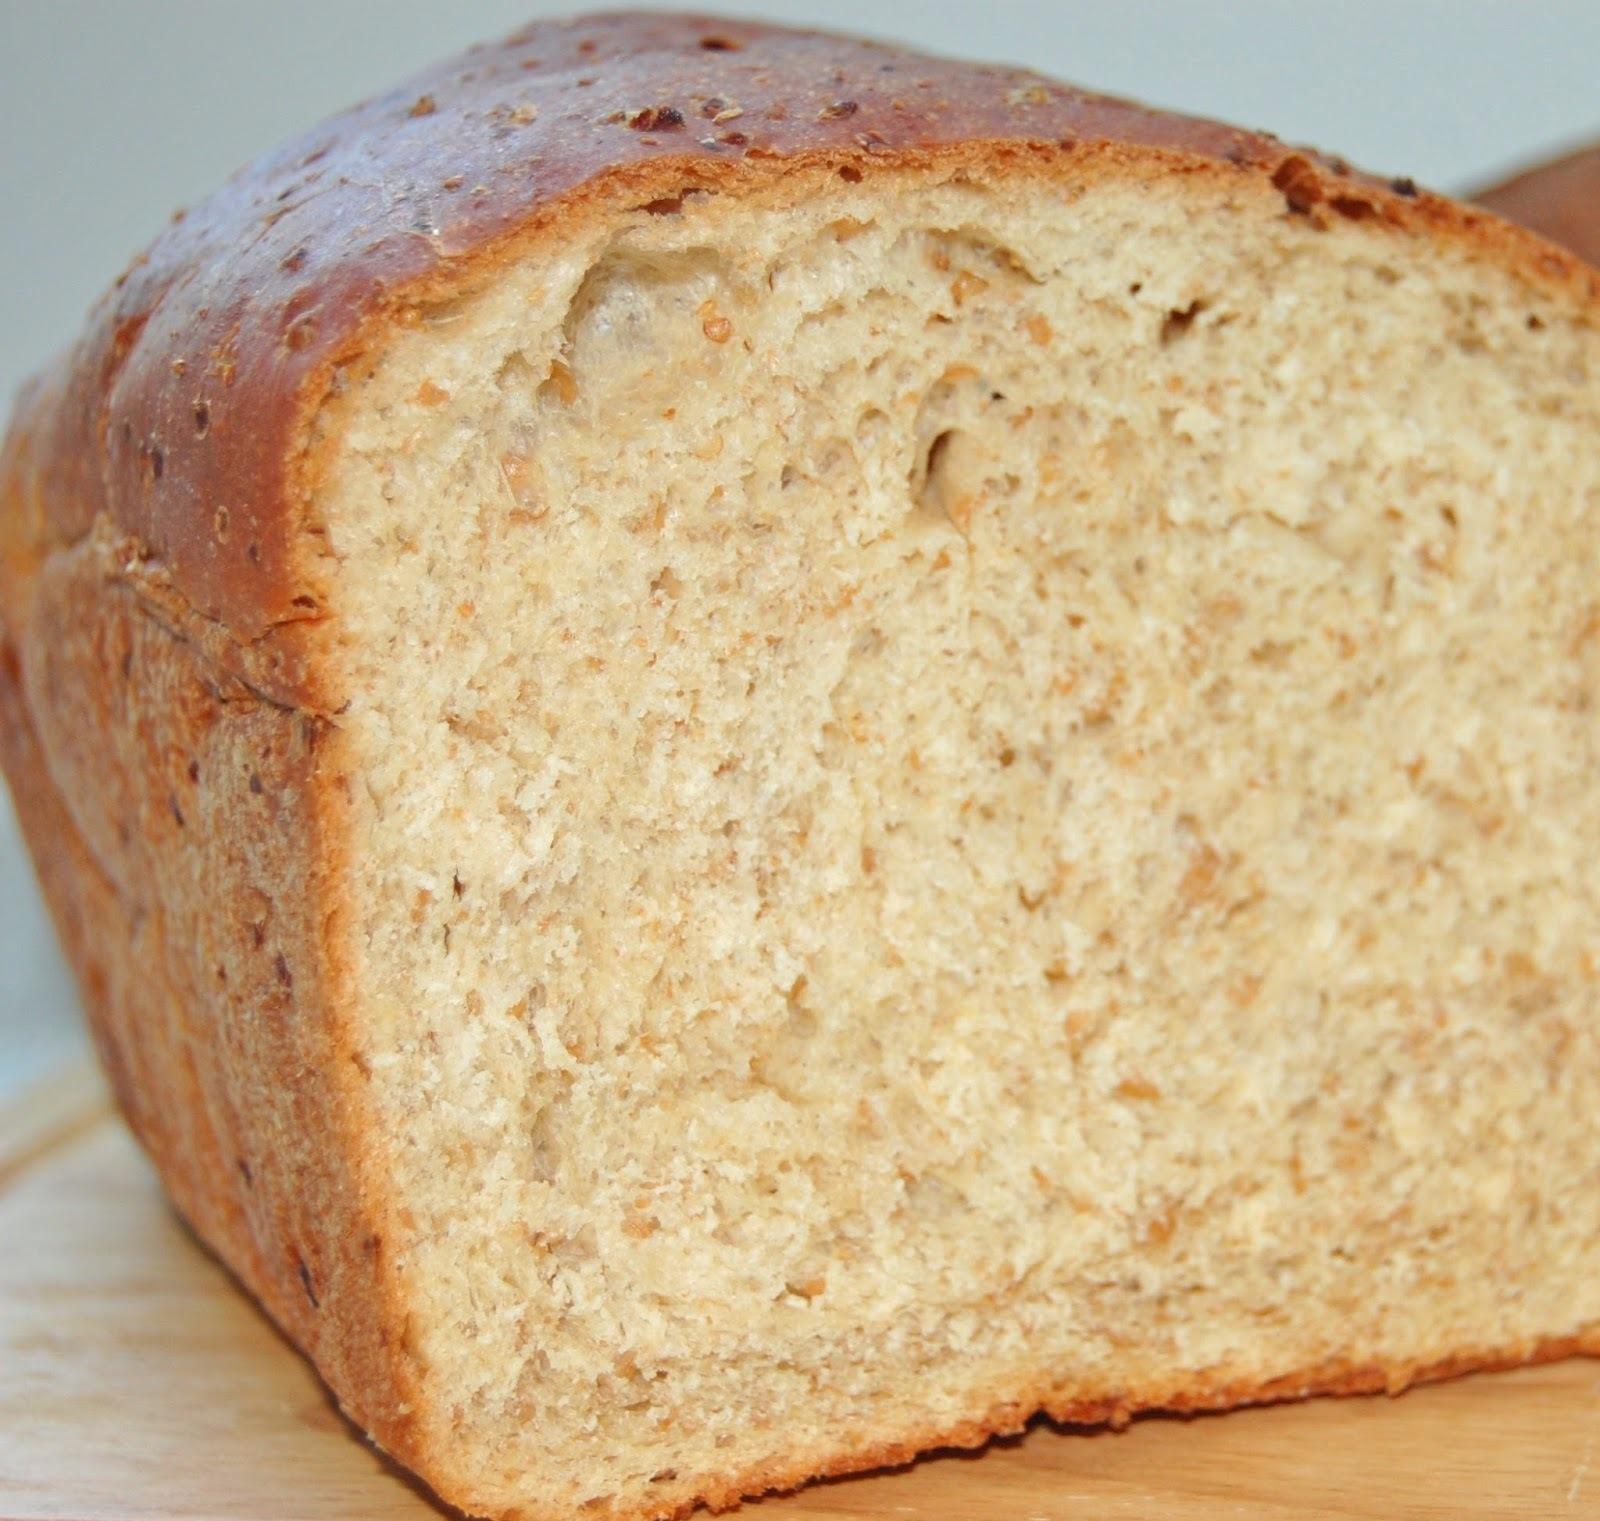 da pão com farinha para quibe na maquina de fazer pao